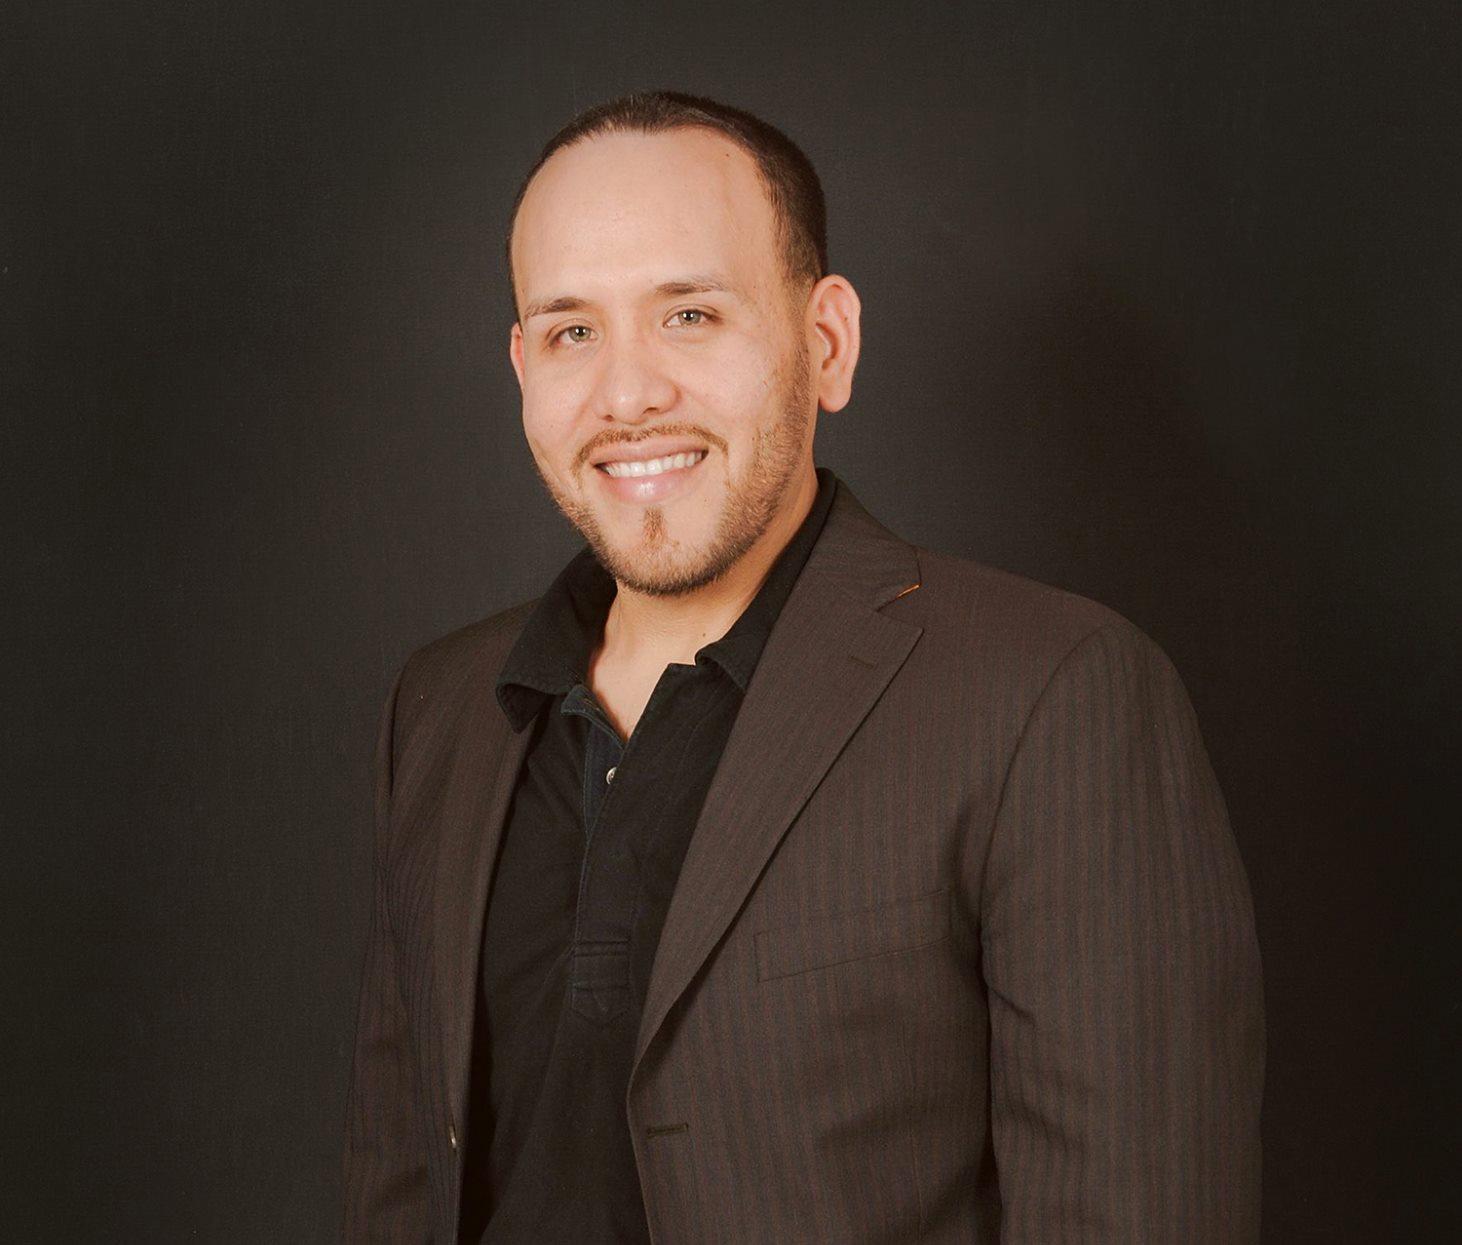 Ralph Ruiz